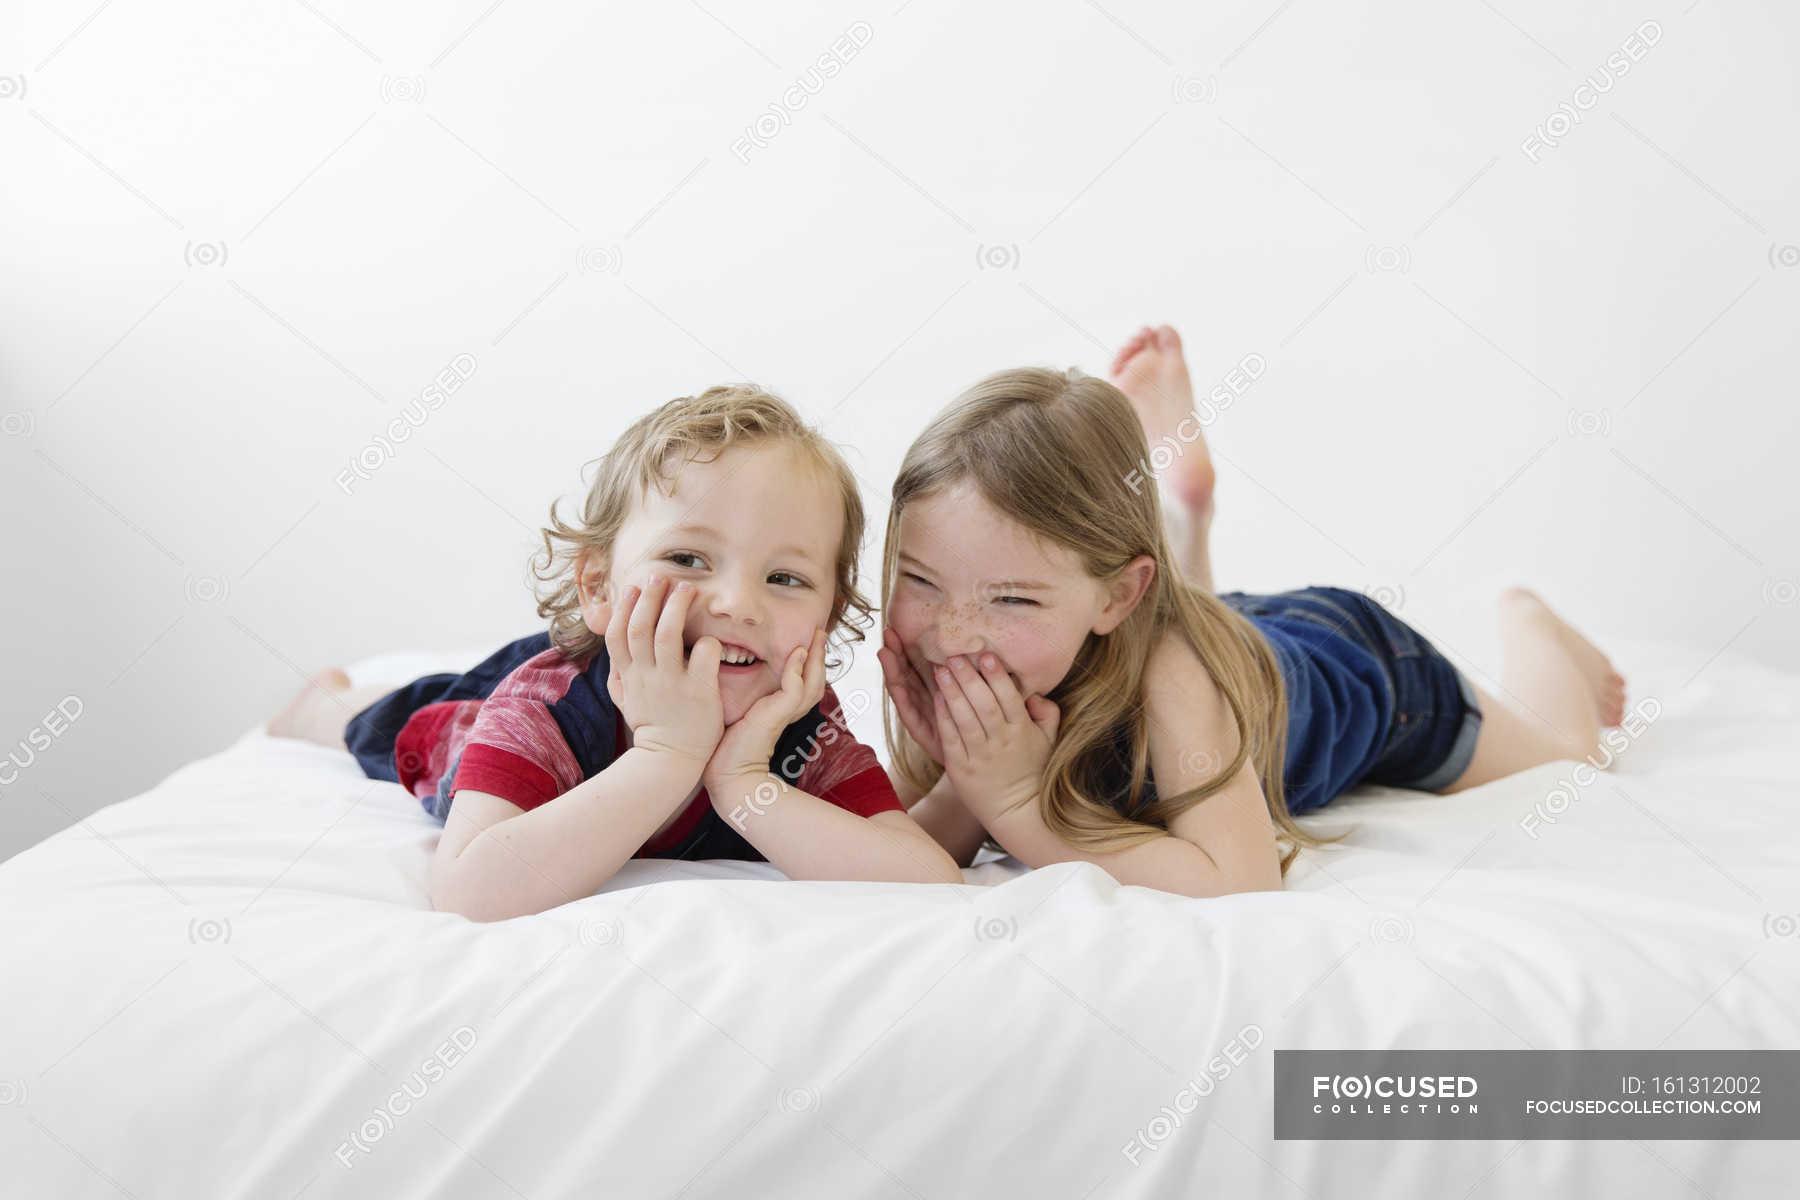 Русское брат кончил в сестру, Брат зашёл к сестре))) смотреть онлайн видео брат 9 фотография